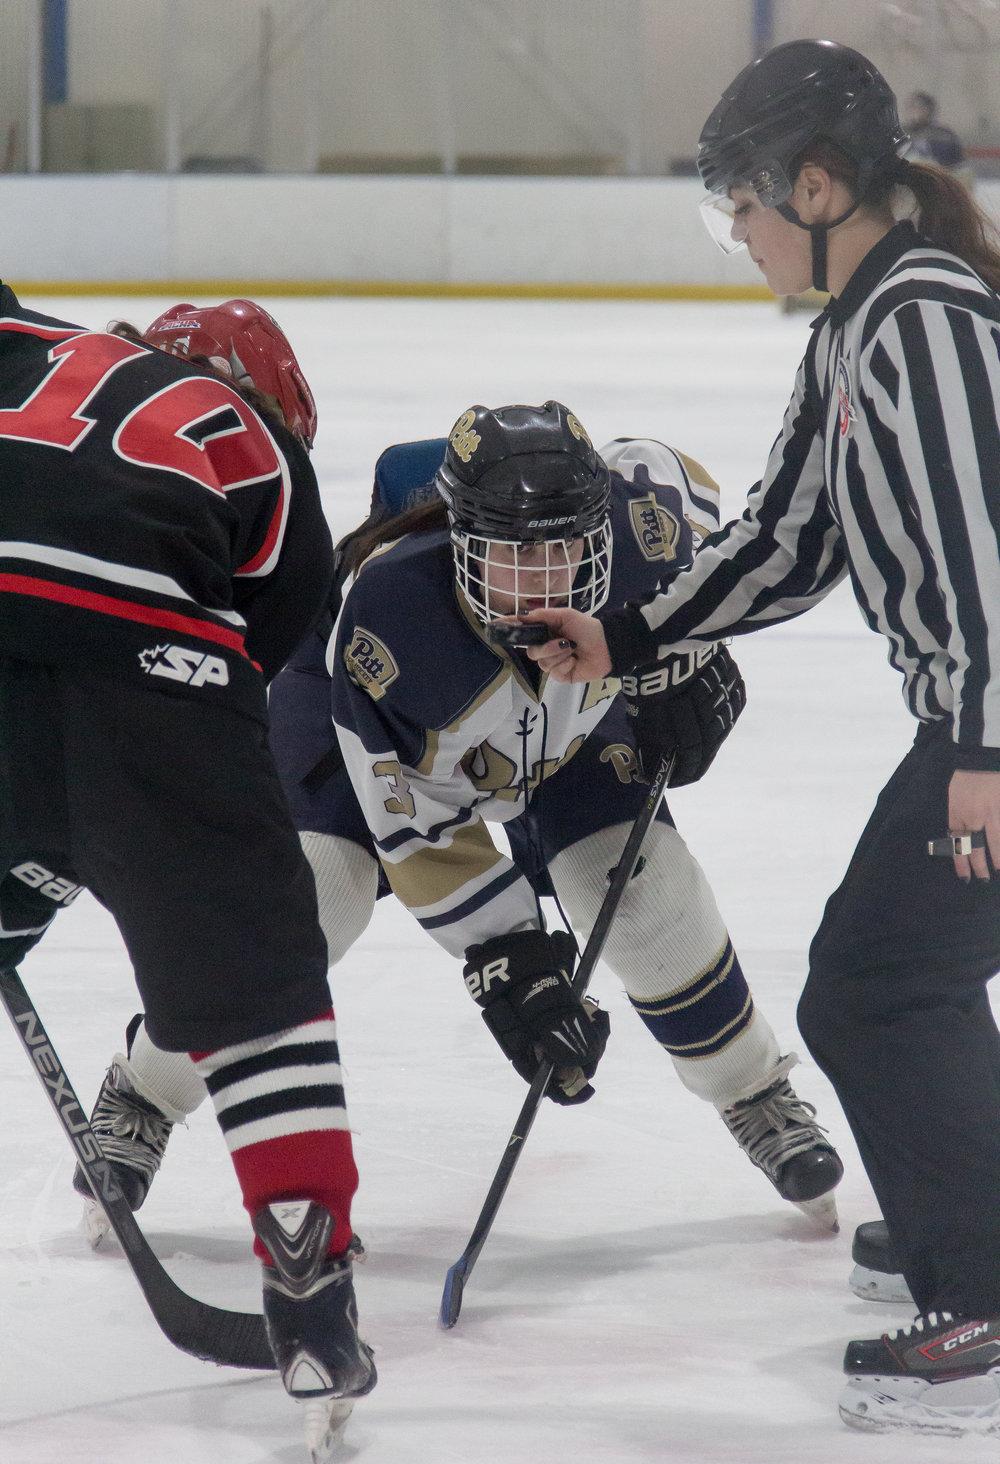 PittHockey-28.jpg